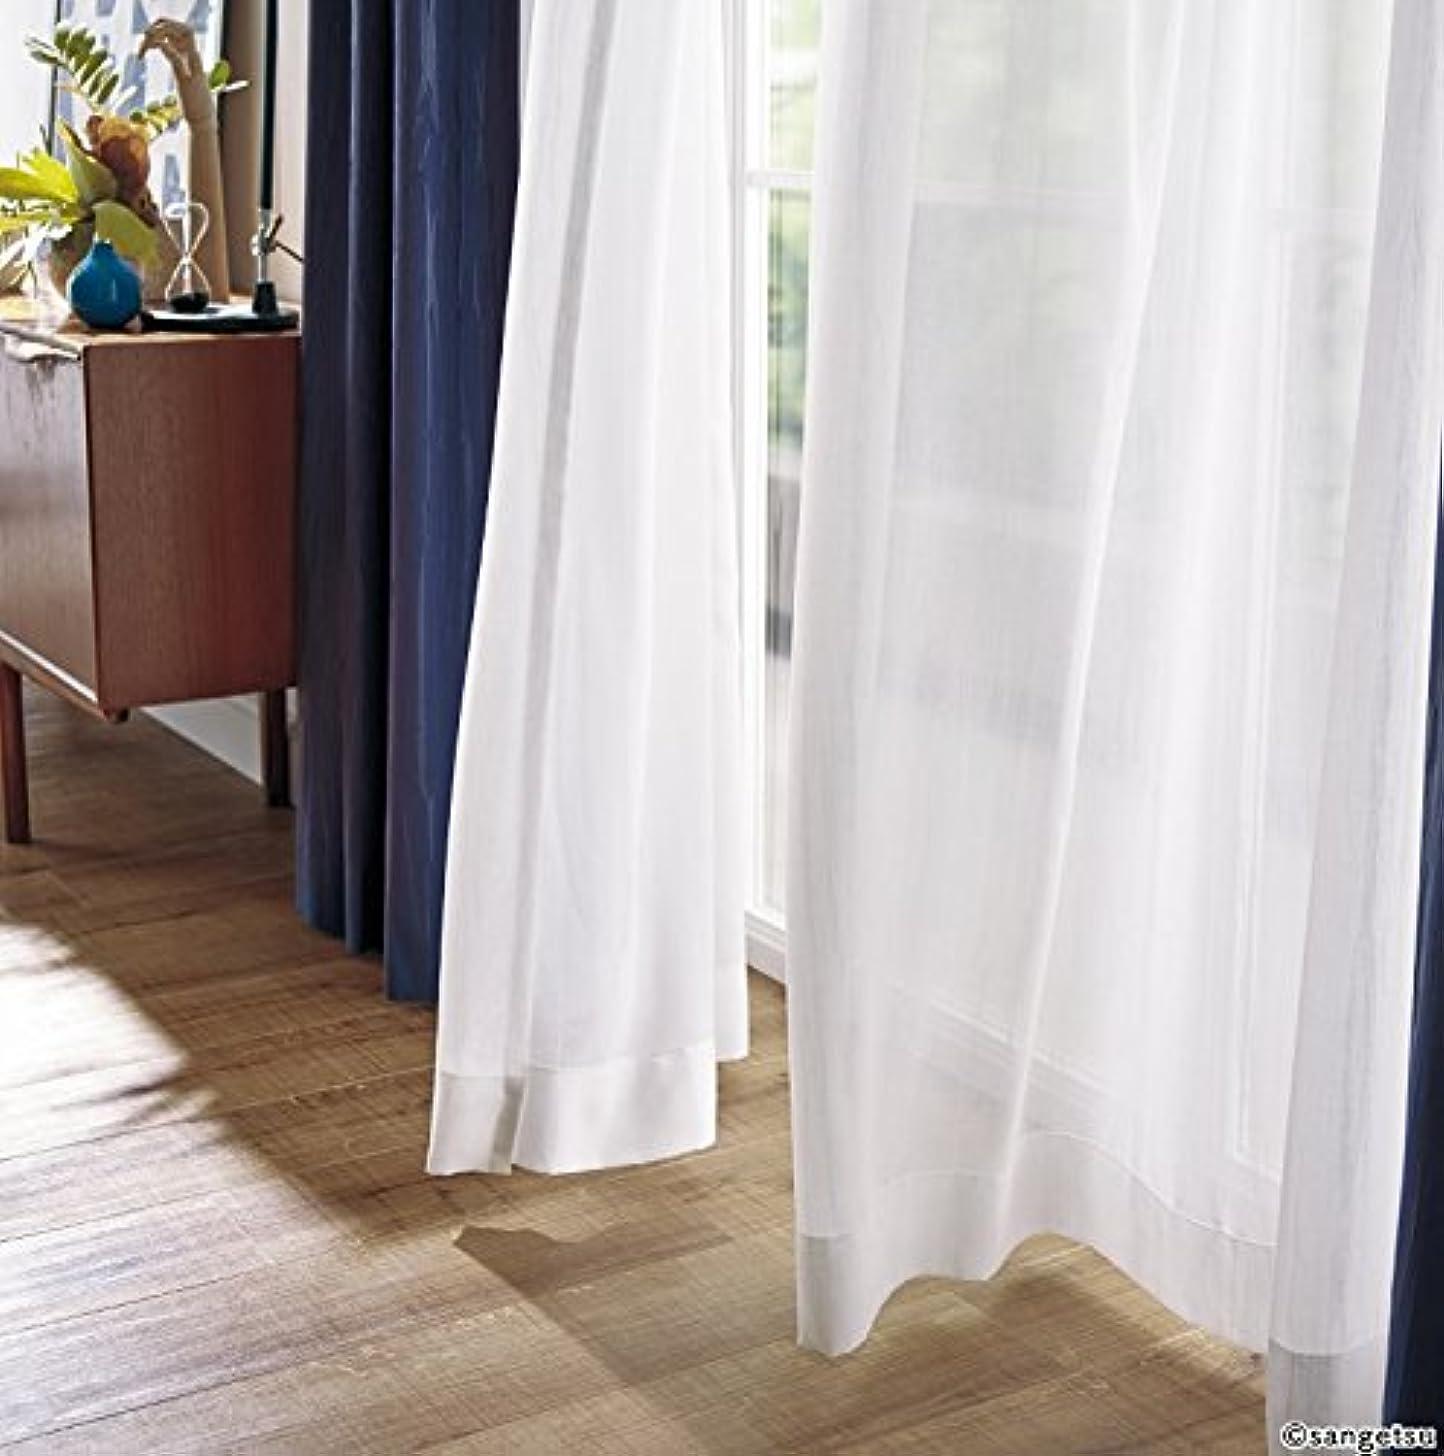 モッキンバード虐待結婚するサンゲツ チンツ加工で上品な光沢感を表現した味わい深い柄 フラットカーテン1.3倍ヒダ SC3740 幅:250cm ×丈:100cm (2枚組)オーダーカーテン